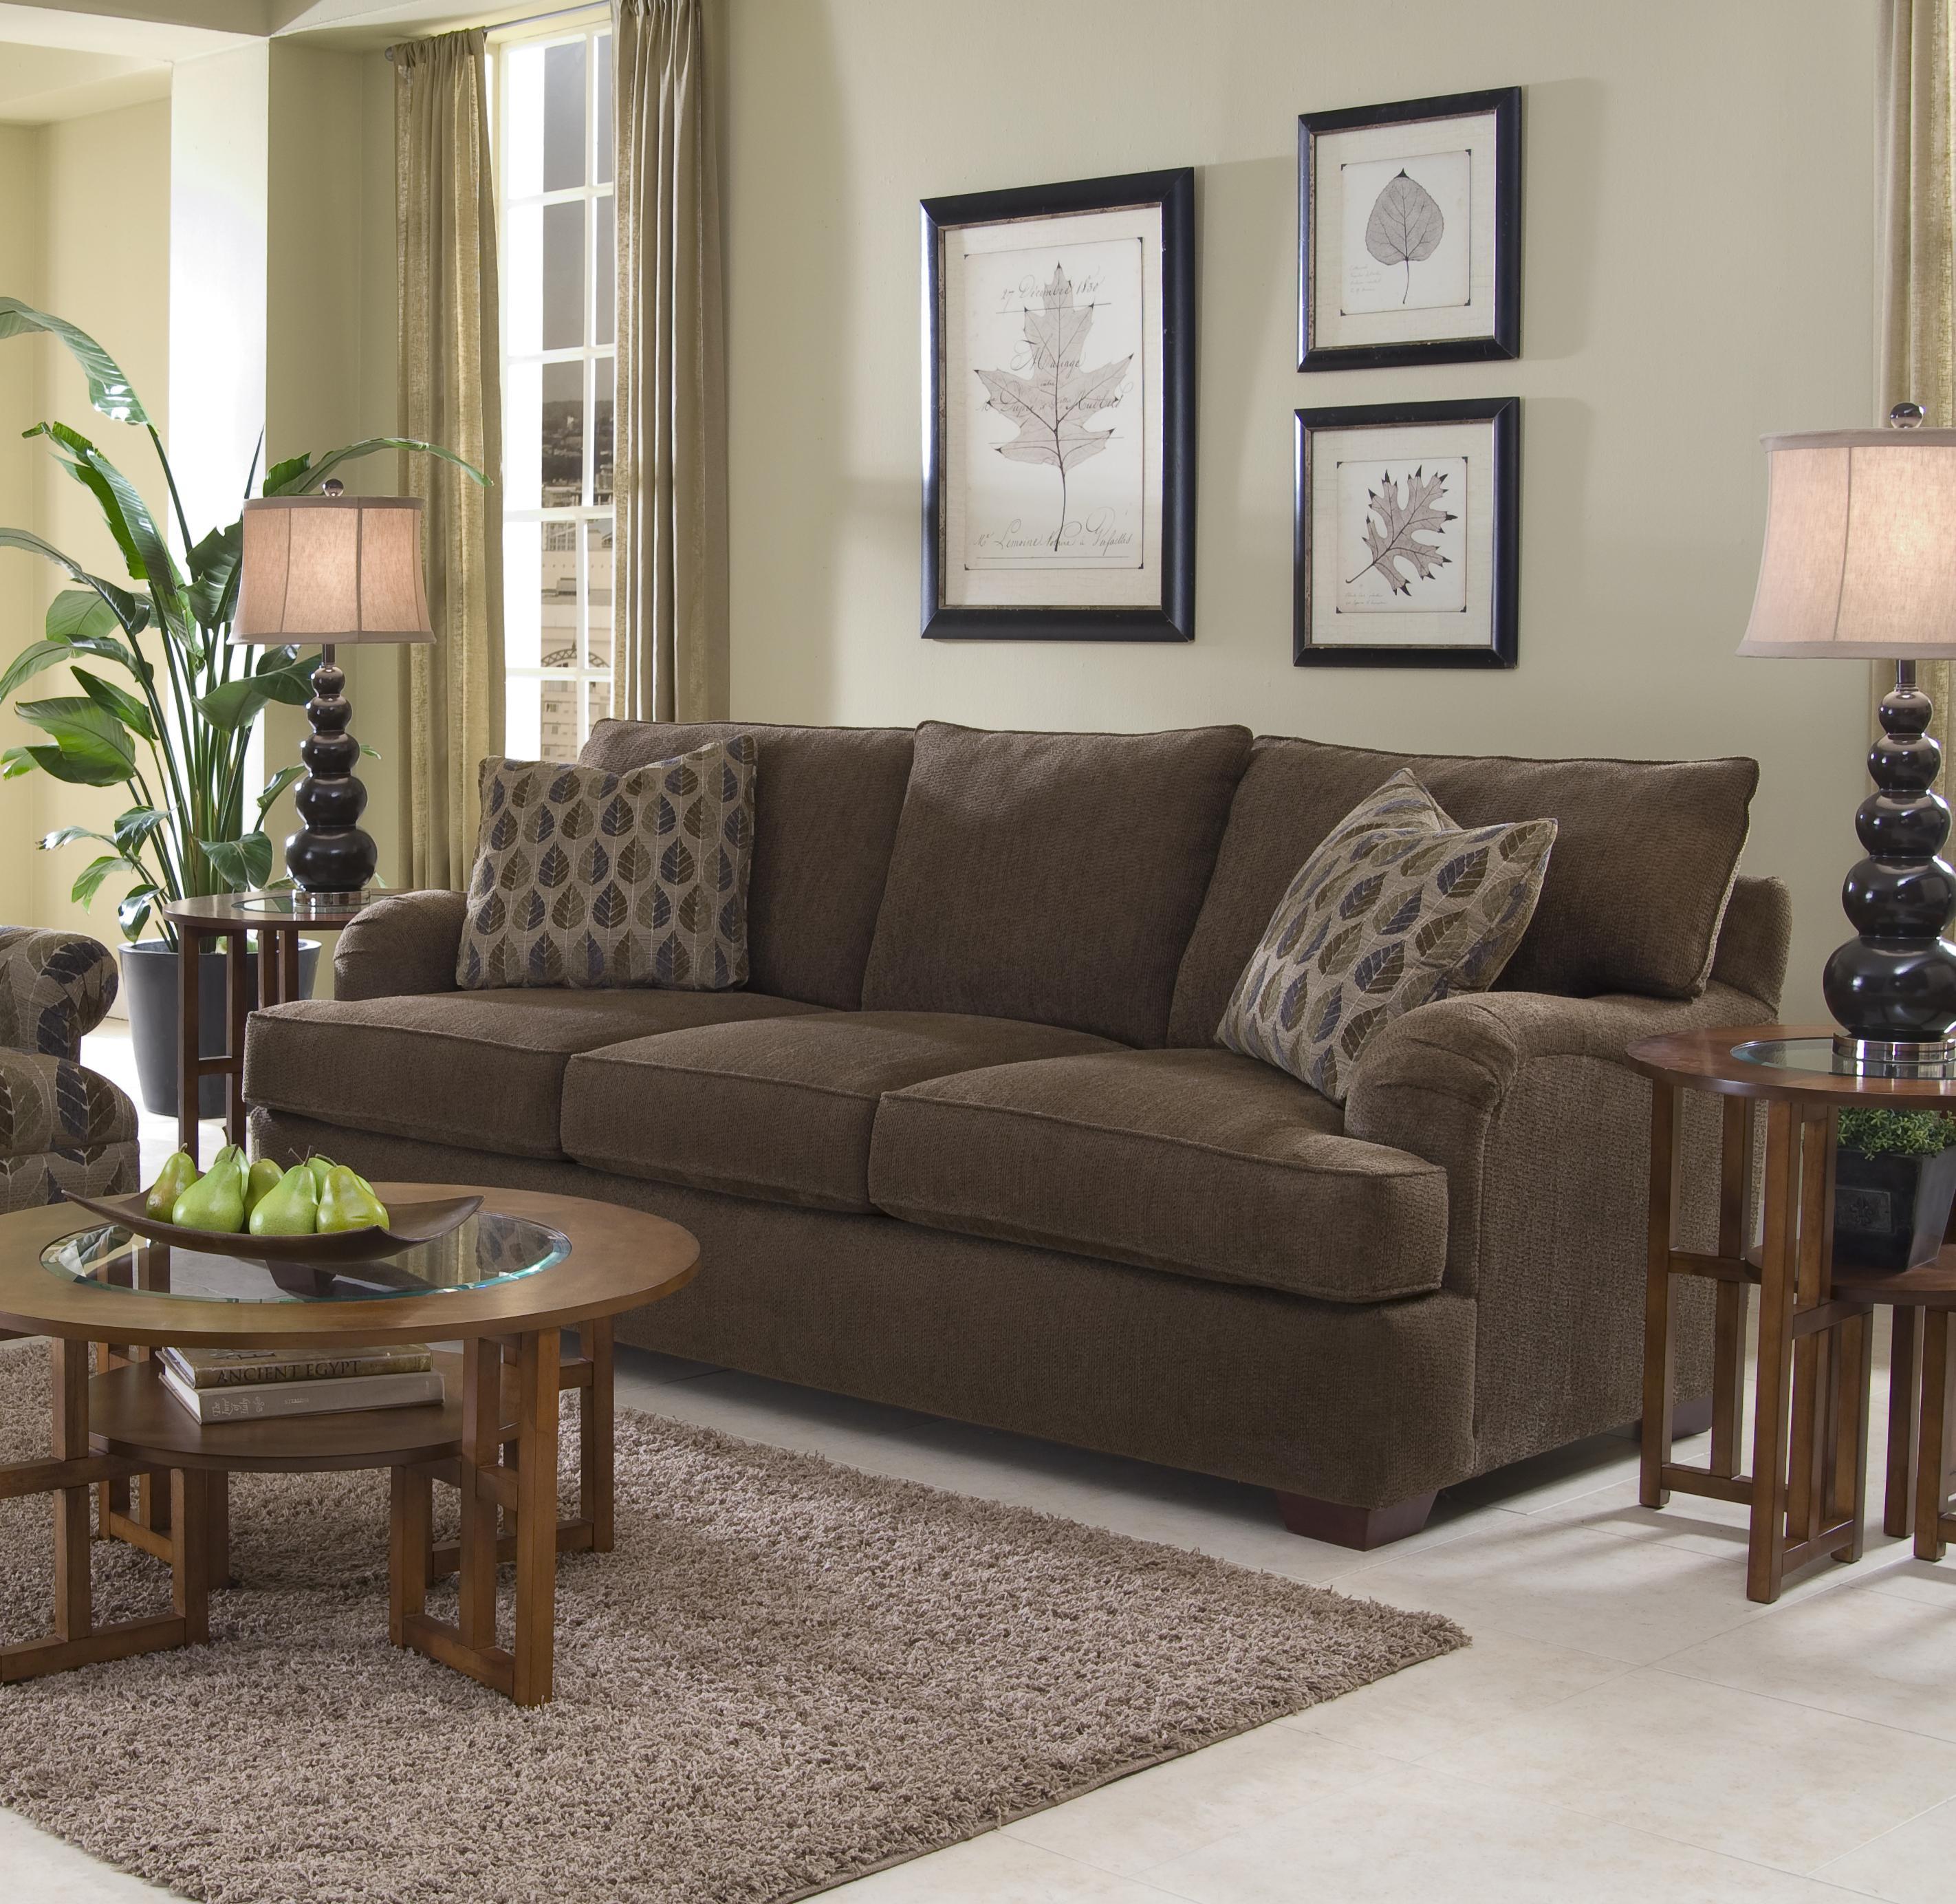 Klaussner vaughn sofa home the honoroak for Wayside furniture